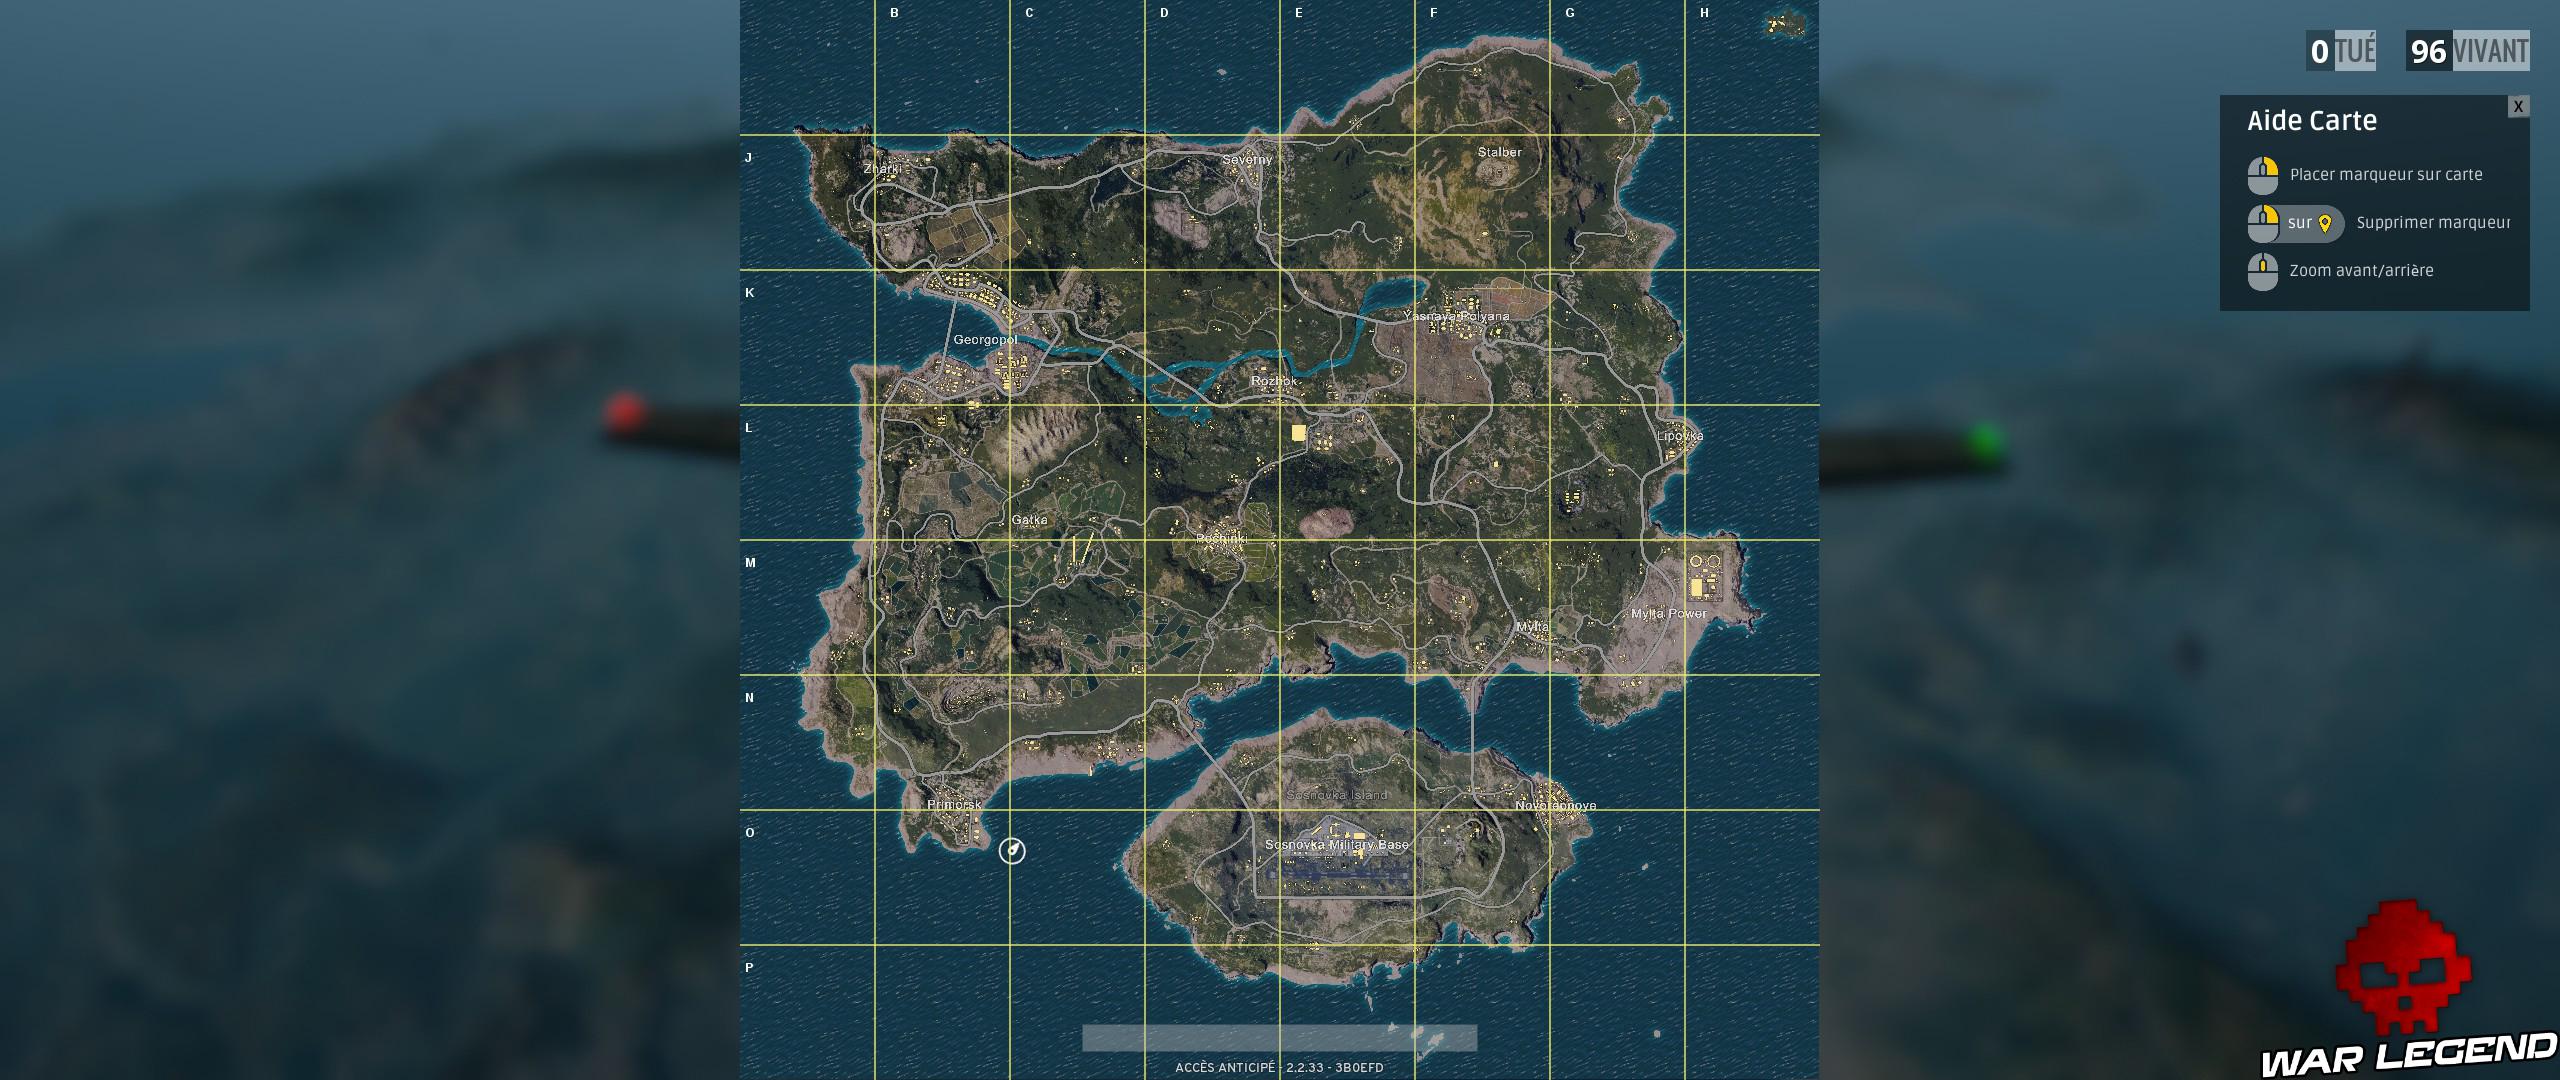 Aperçu PlayerUnknown's Battlegrounds - Alors, c'est mieux qu'H1Z1?